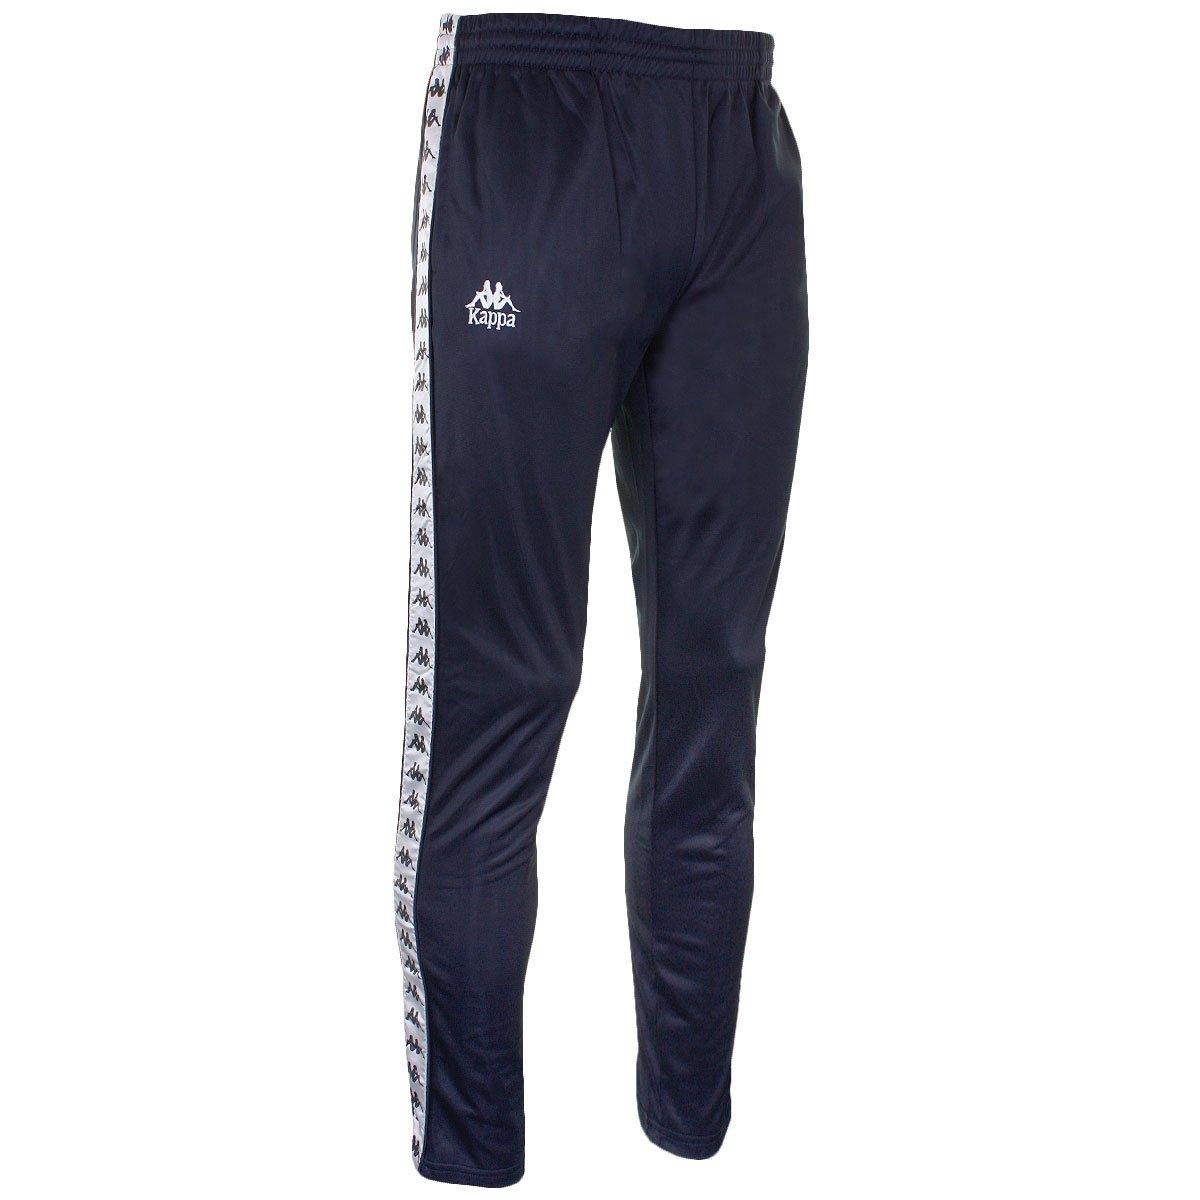 9980abb04e Kappa Men's Glanford Pants Training Track Pant - US M - Navy Blue ...